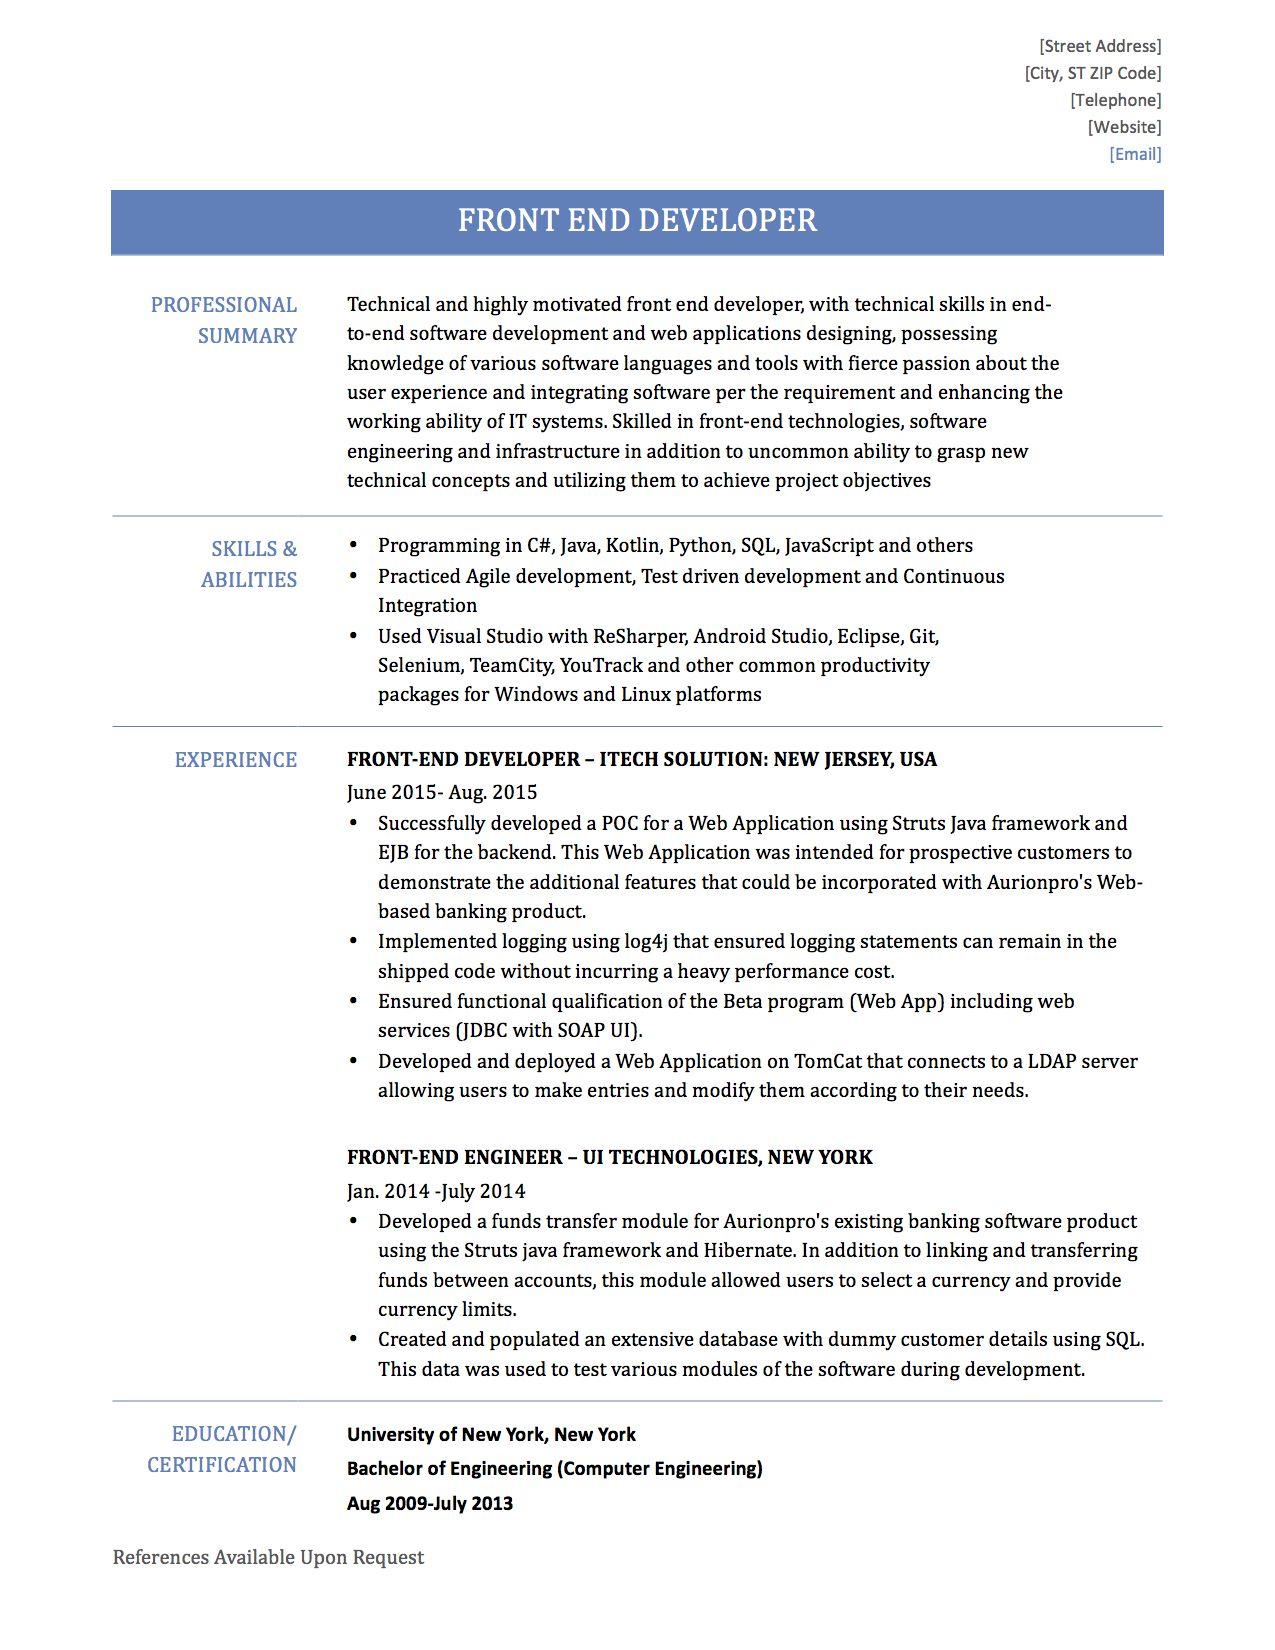 resume front end developer objectivejob sample designer home - User Interface Developer Resume